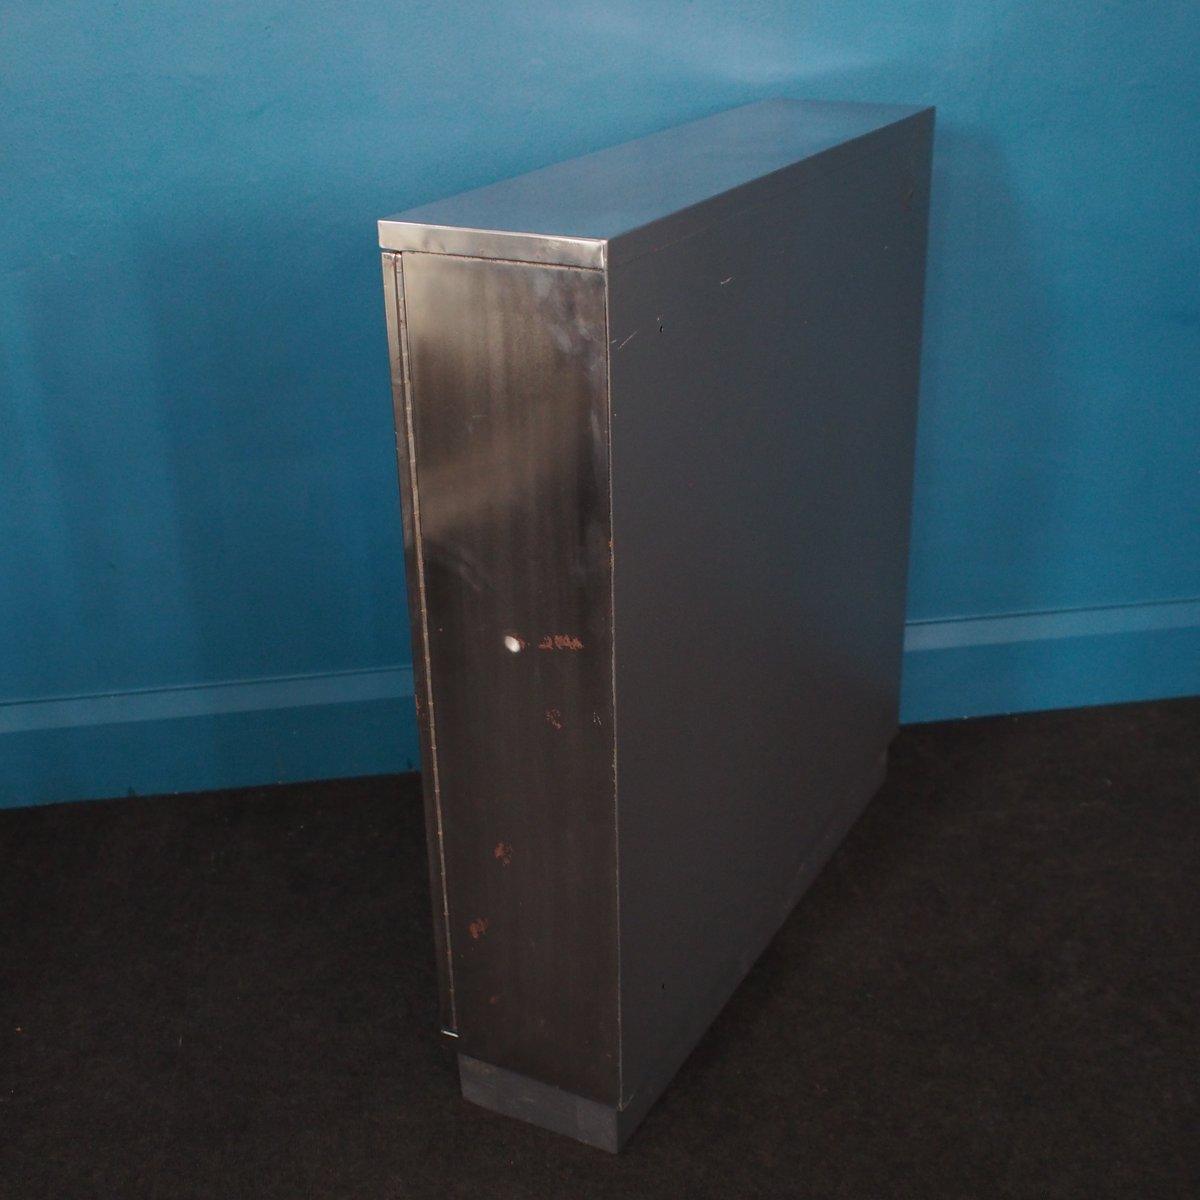 armoire vintage industrielle en acier avec verrou 1960s en vente sur pamono. Black Bedroom Furniture Sets. Home Design Ideas